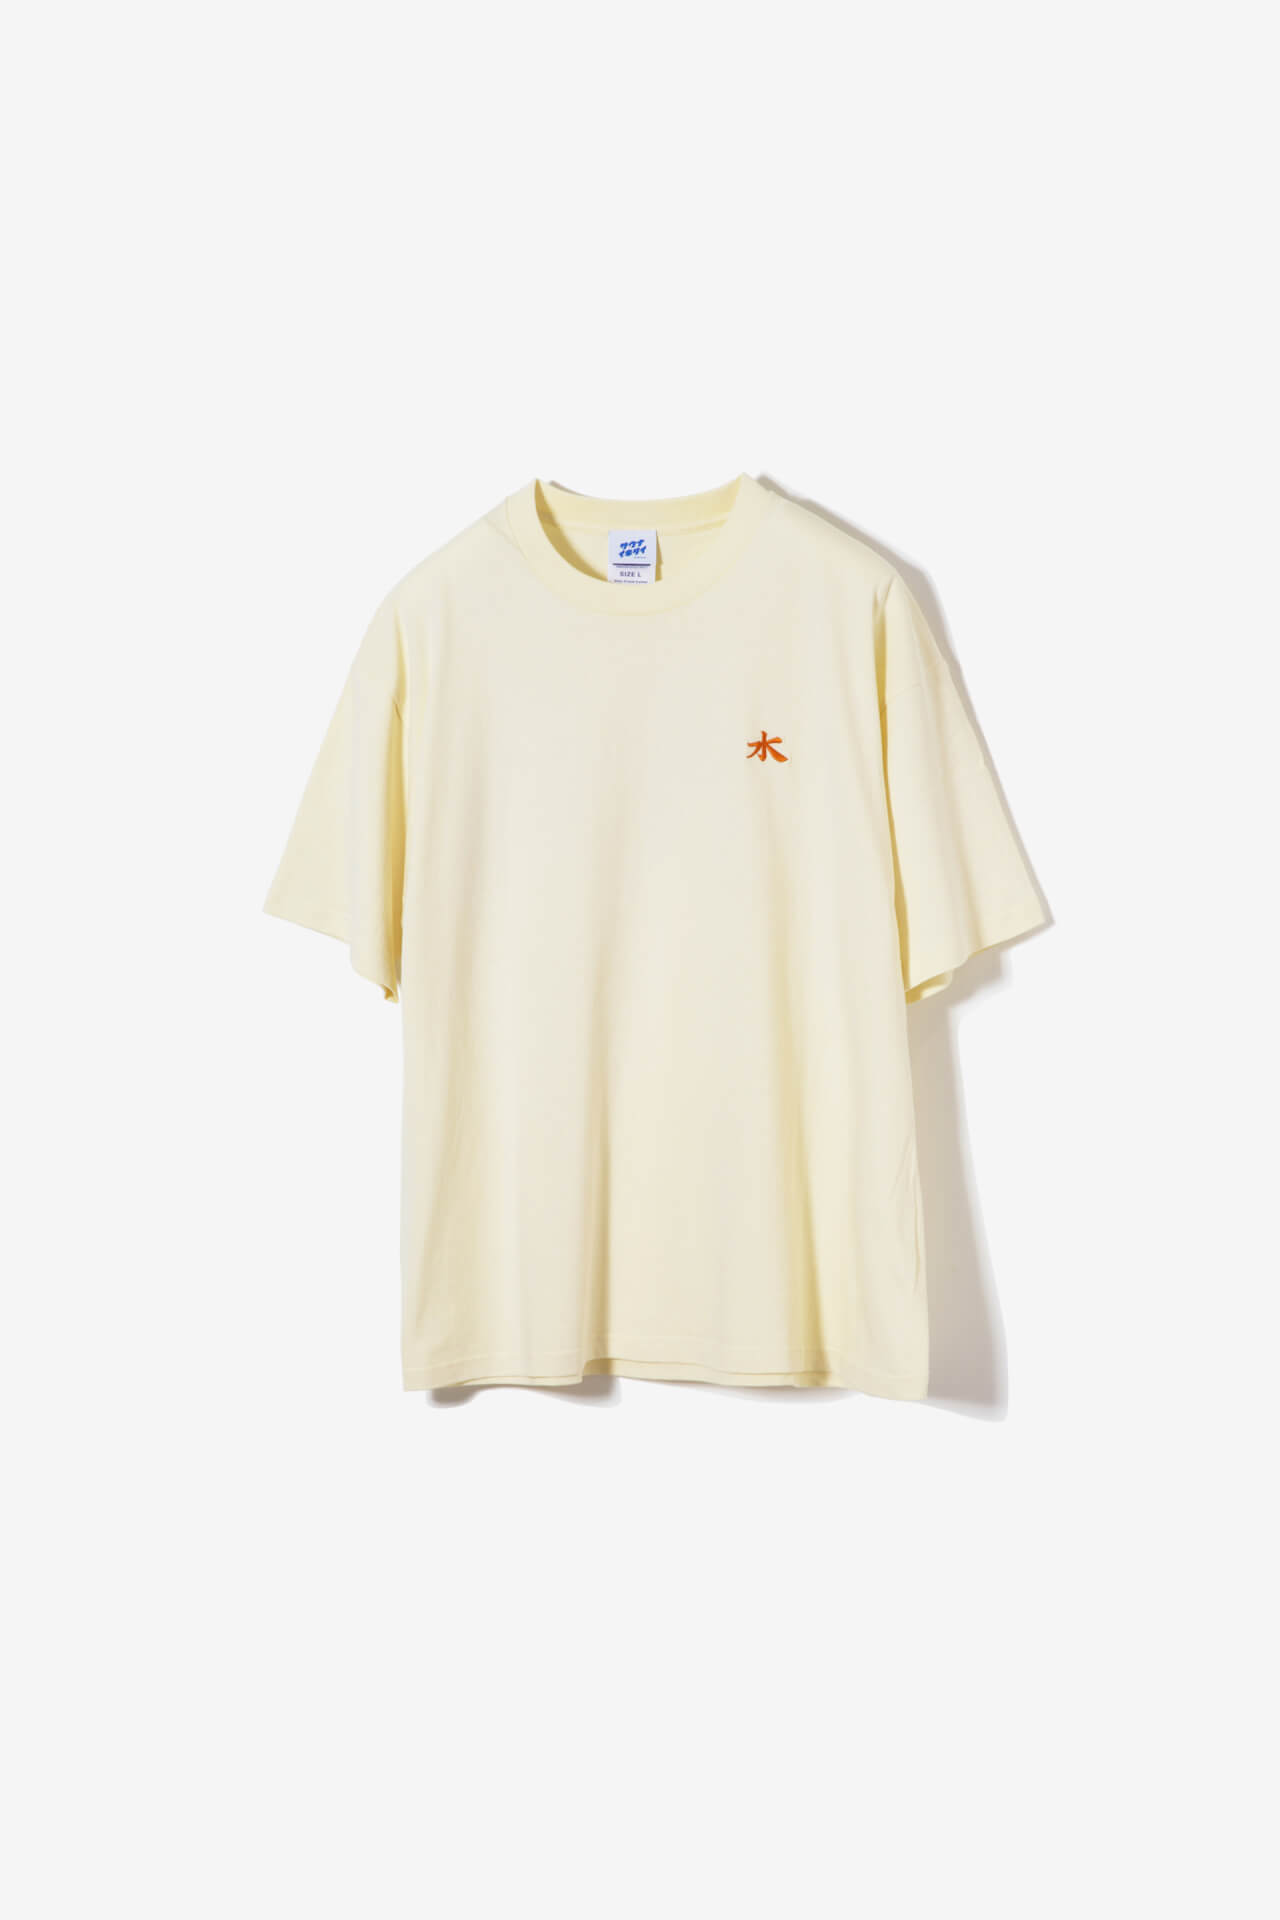 サウナイキタイのサウナグッズ2021年夏バージョンが発売!ペリカンシャツ、サコッシュなど5アイテムが登場 life210729_saunaikitai_13